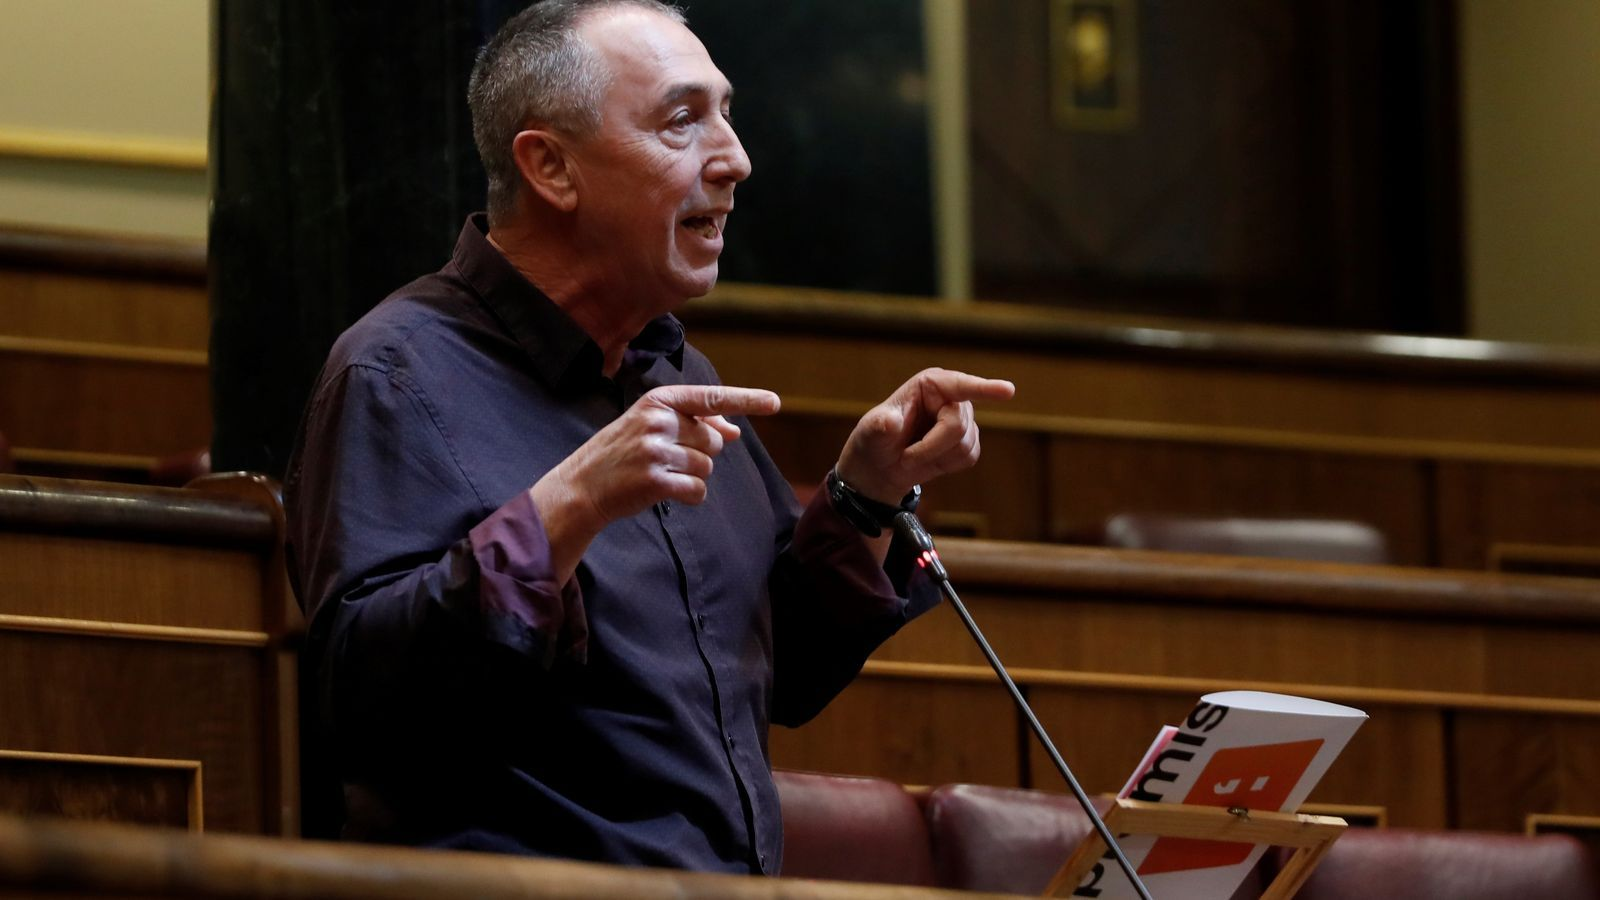 El portaveu de Compromís,Joan Baldoví, durant la seva intervenció al Congrés de Diputats aquest dimecres